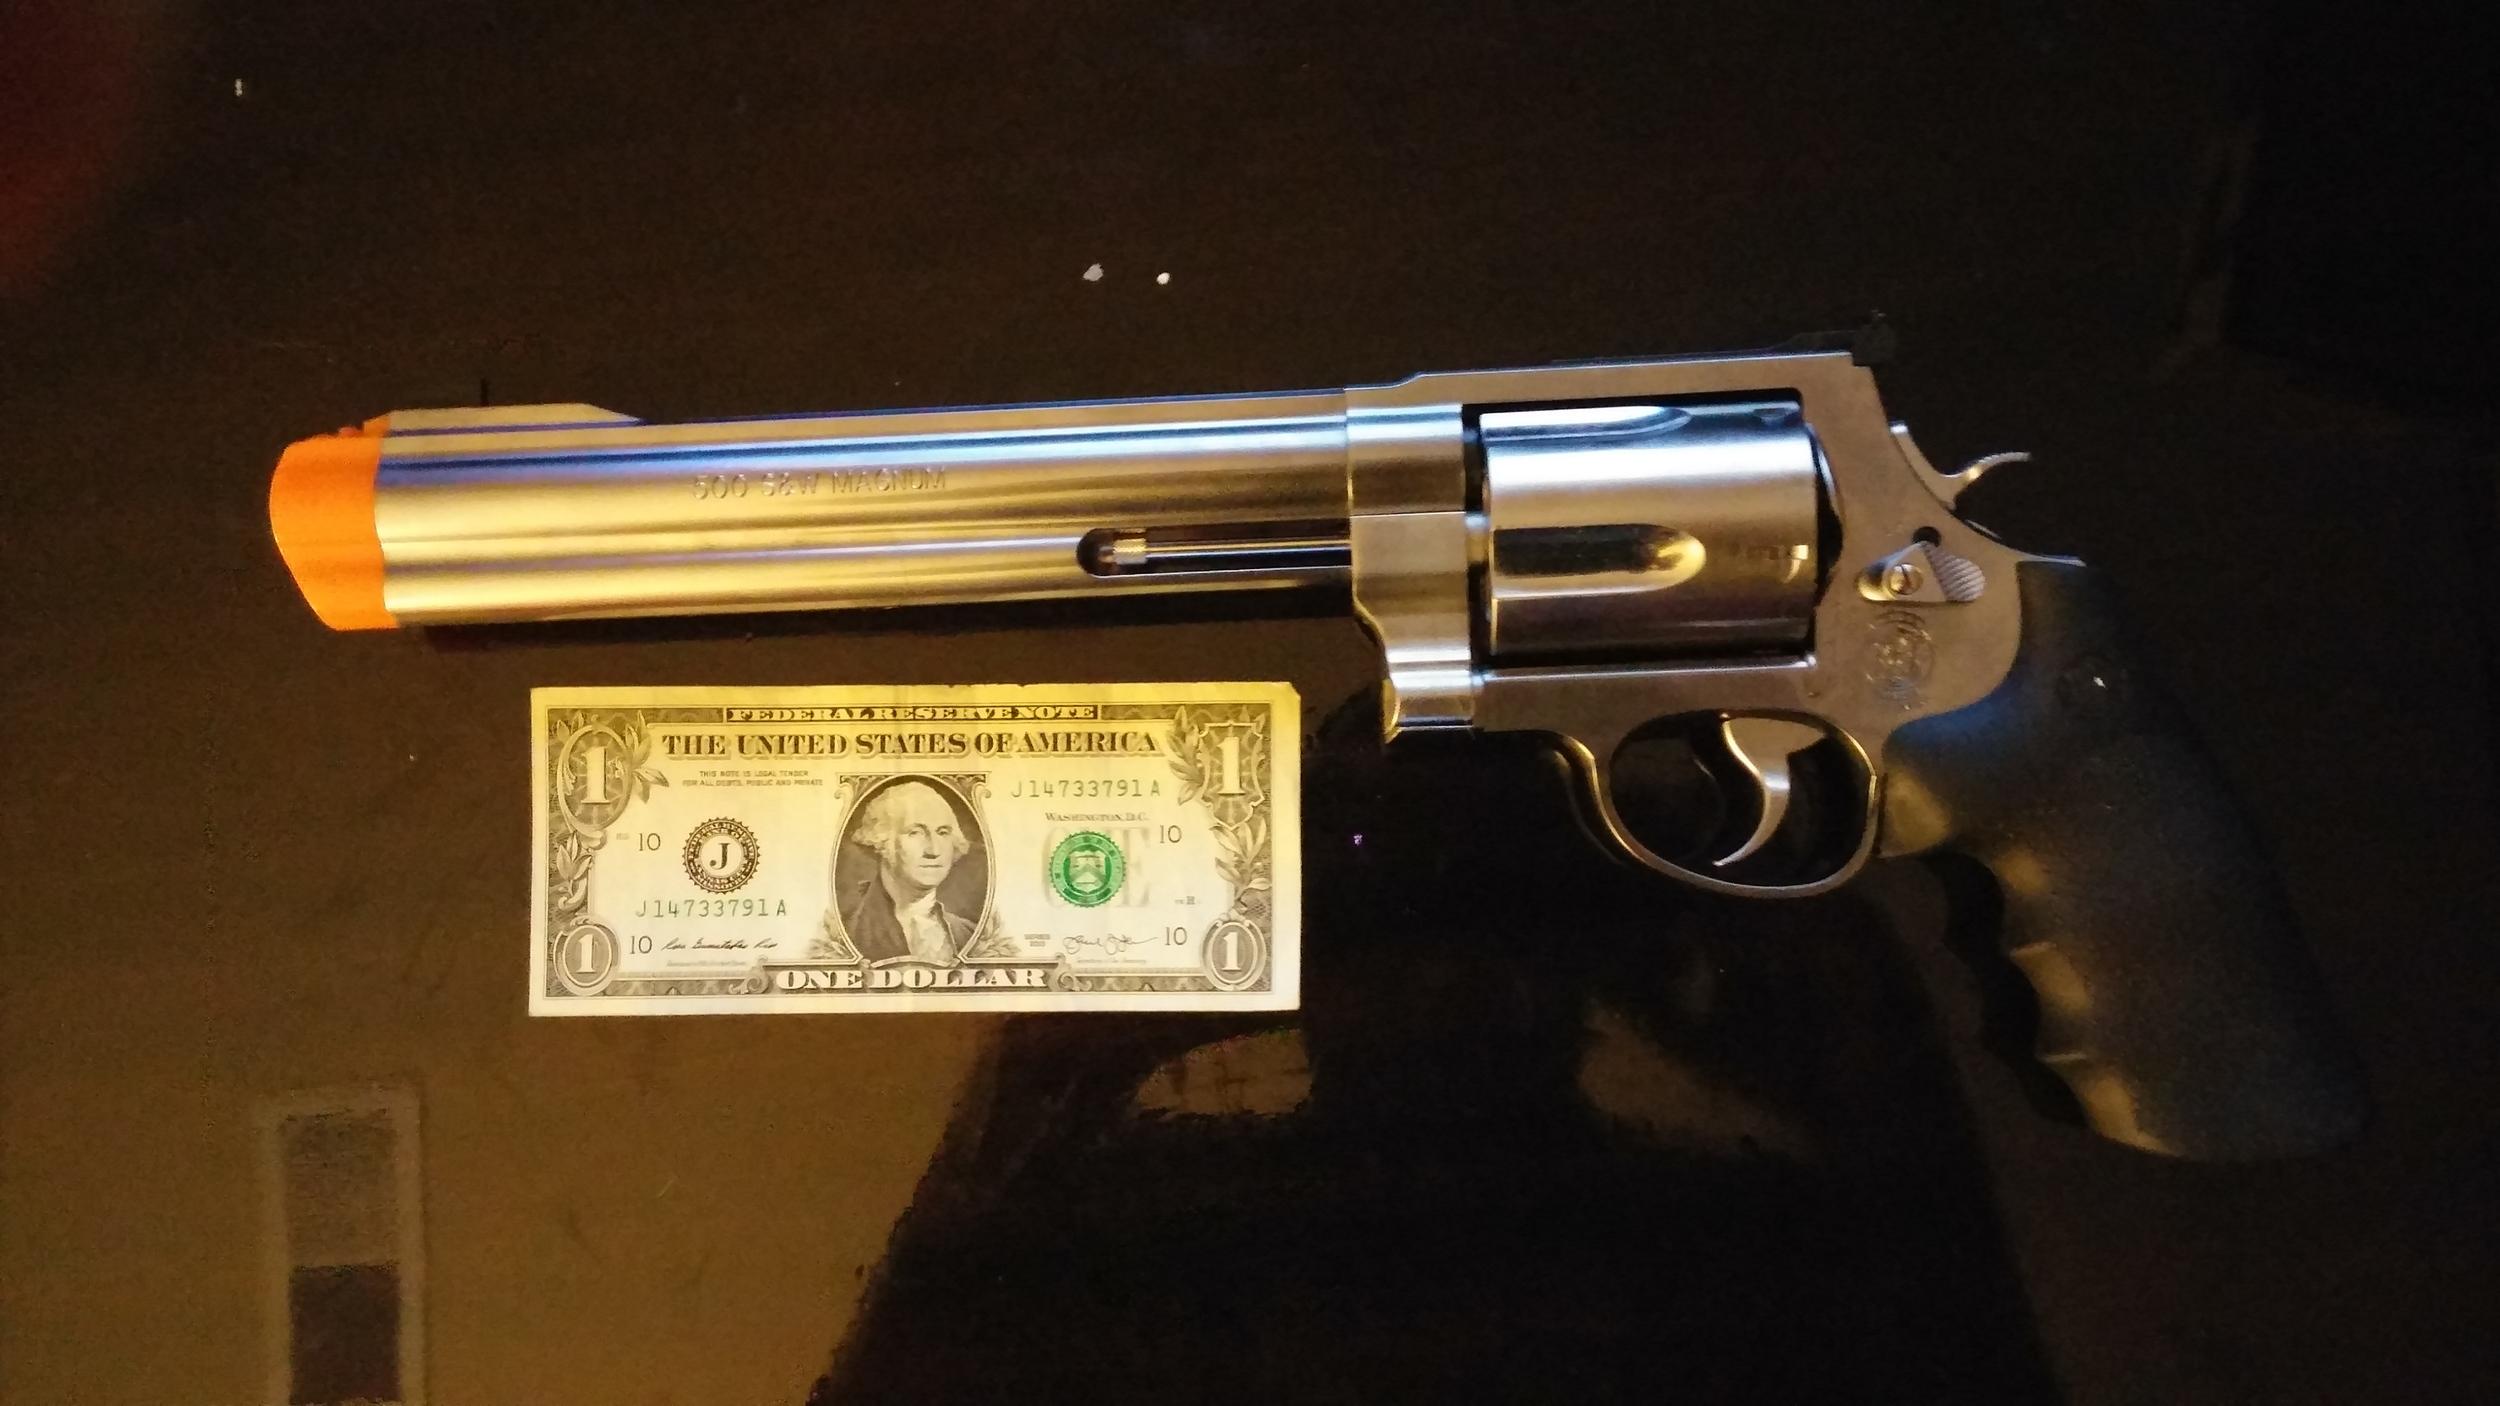 Sammy's Pistol